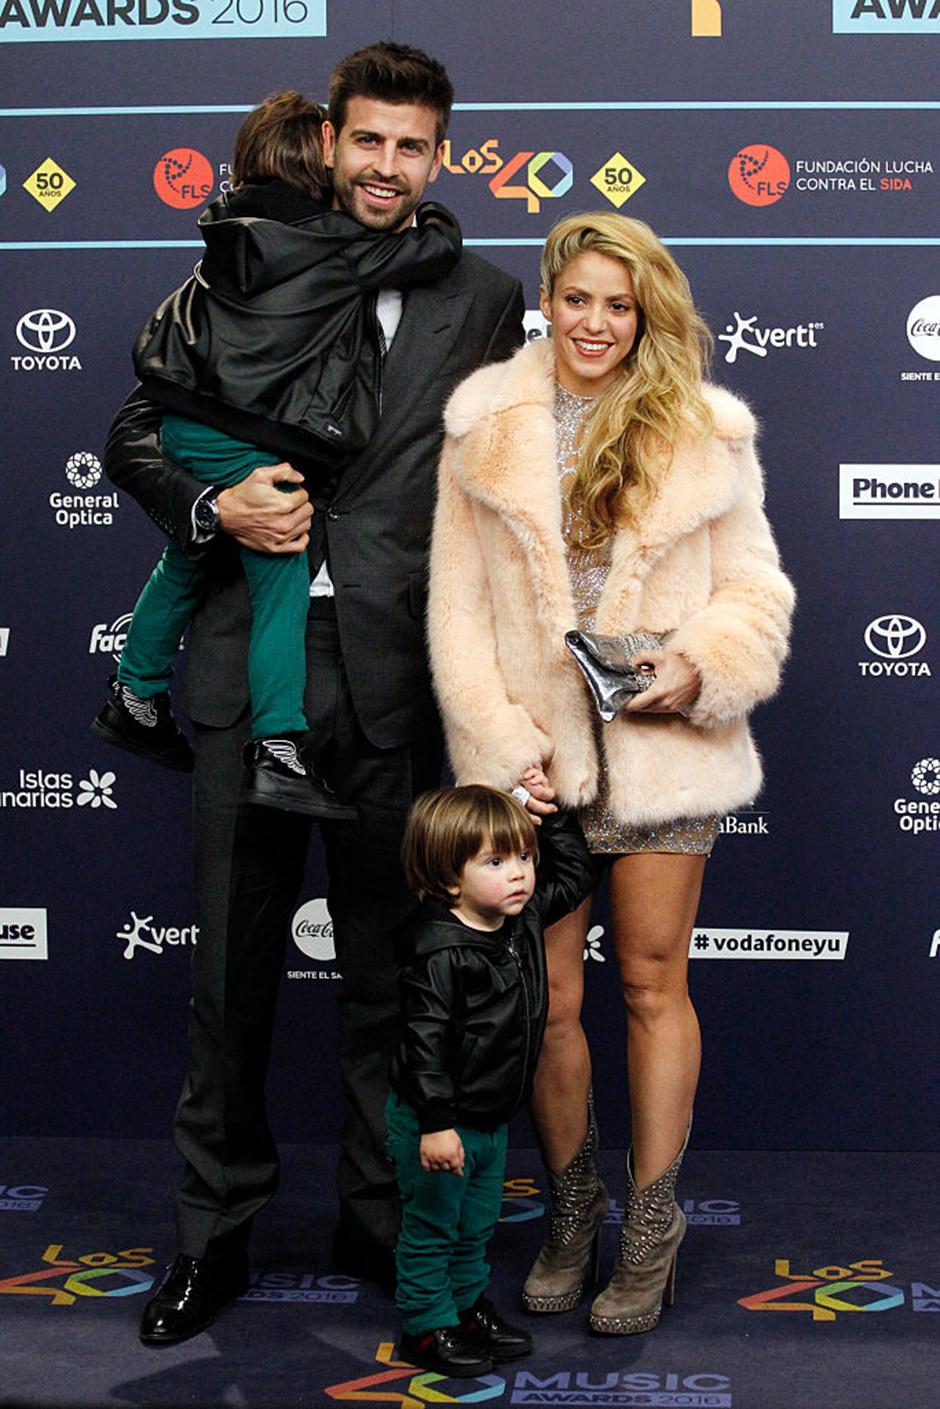 Шакира рассказала о своем отношении к браку зурган илэрцүүд